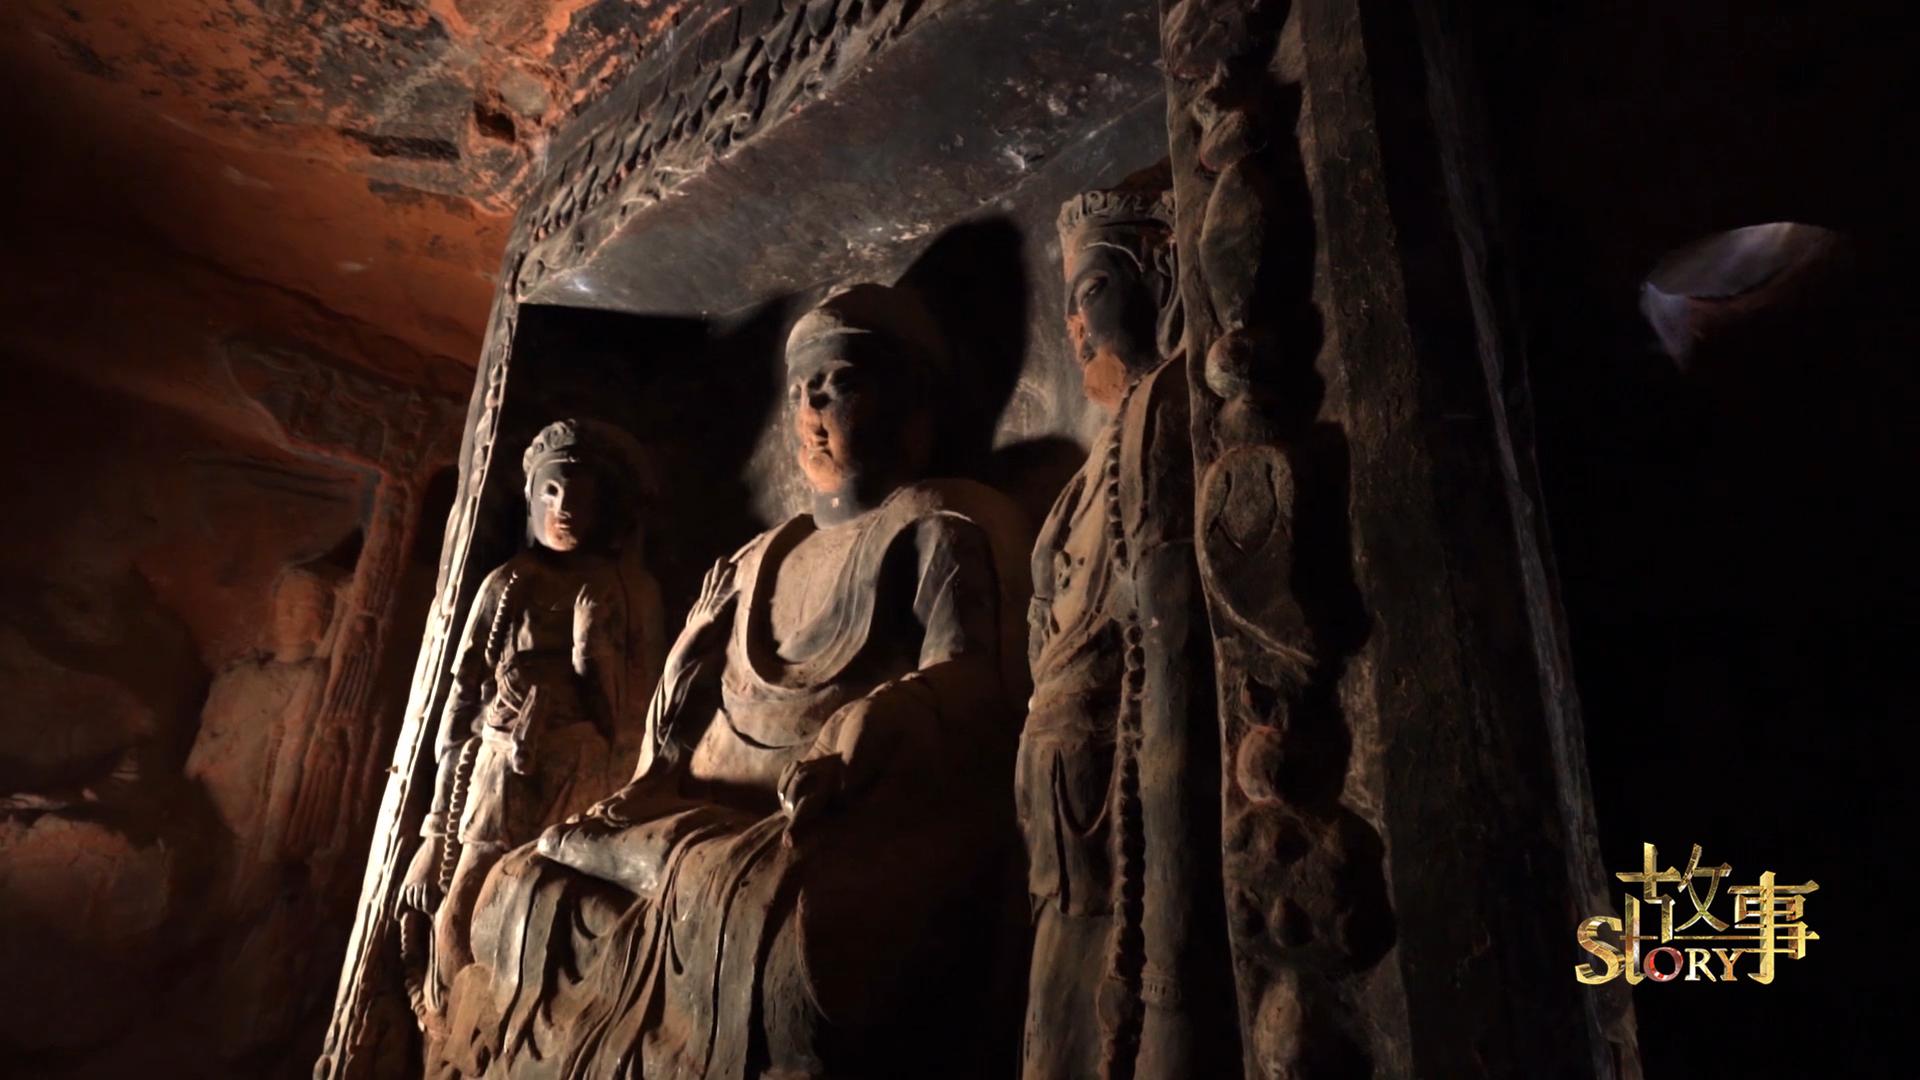 翻开须弥山的历史长卷,在千年石窟中探寻那些不一样的故事